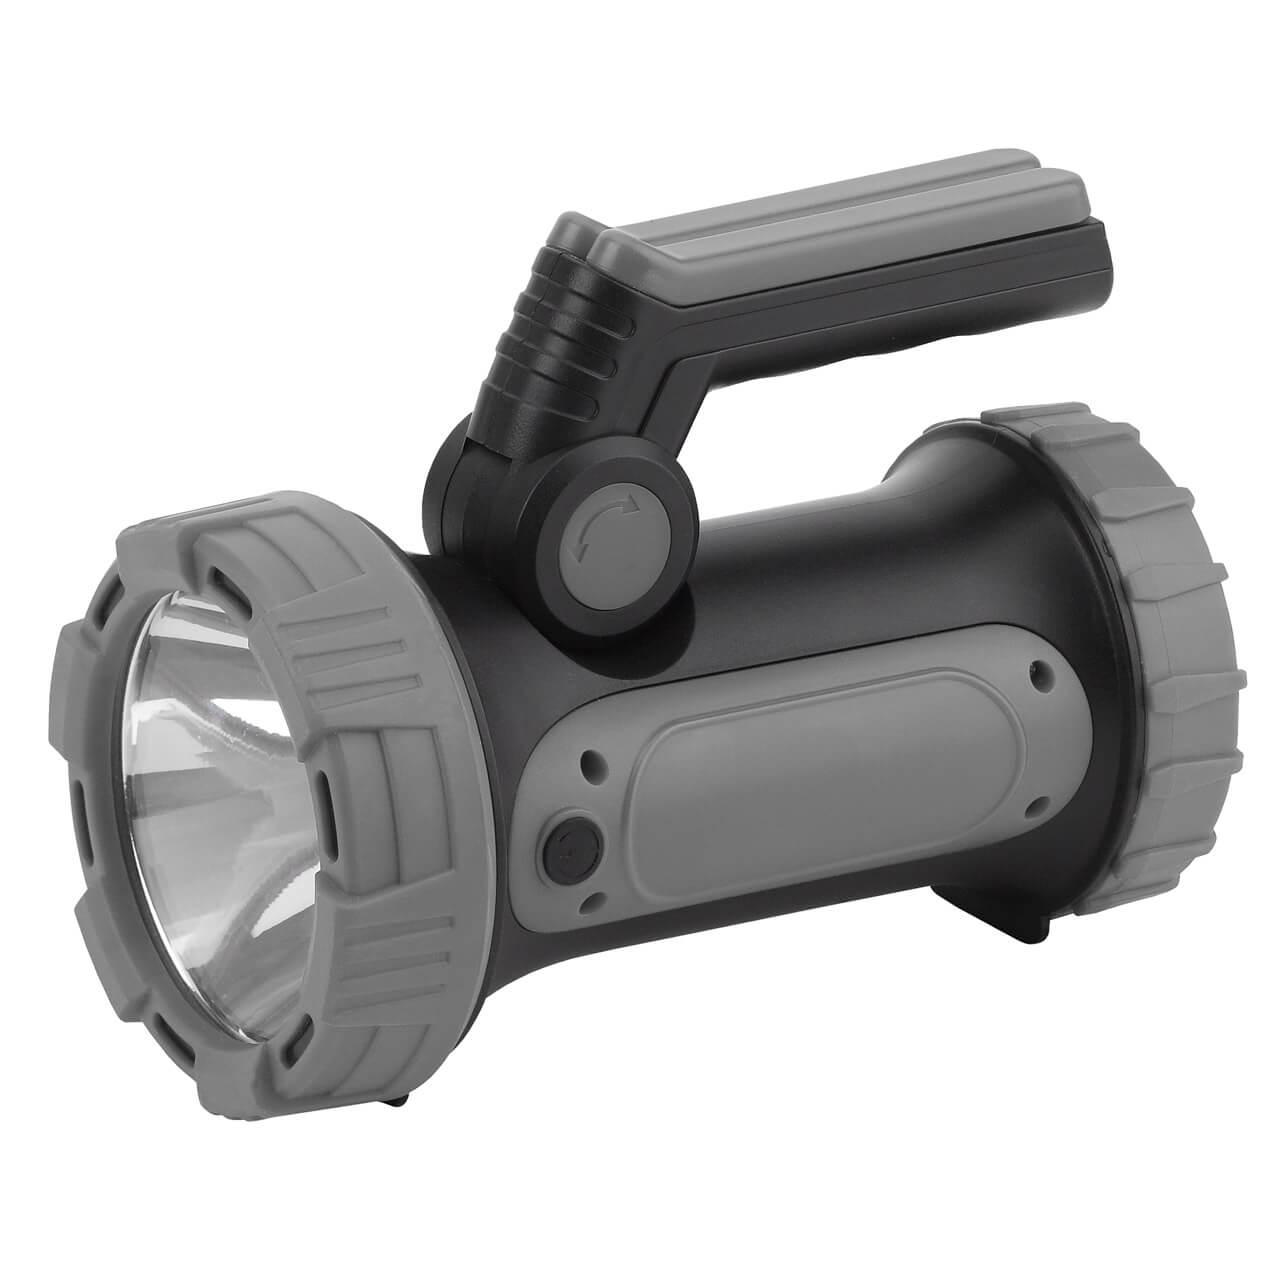 Ручной светодиодный фонарь ЭРА аккумуляторный PA-703 светодиодный алюминиевый фонарь эра sd9